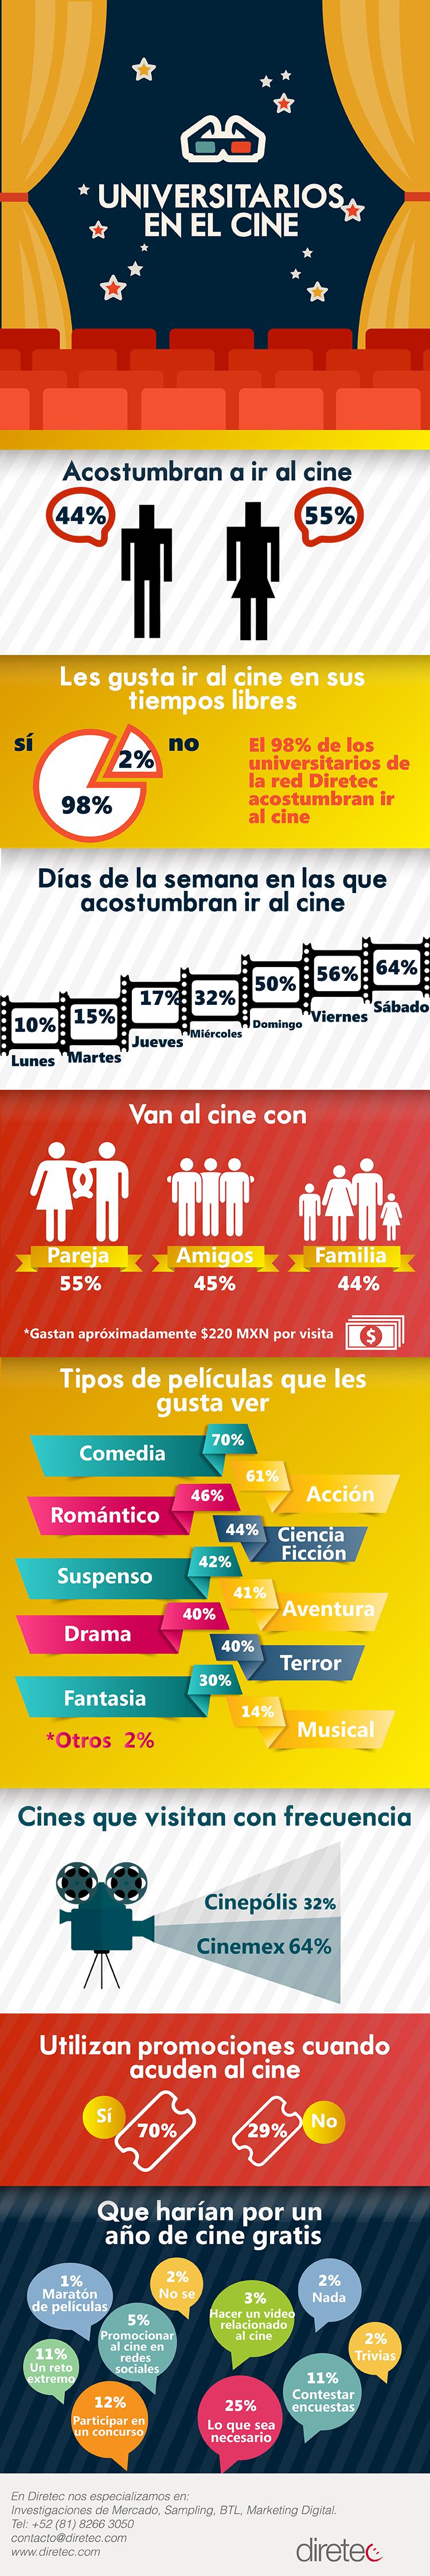 Universitarios en el Cine_1